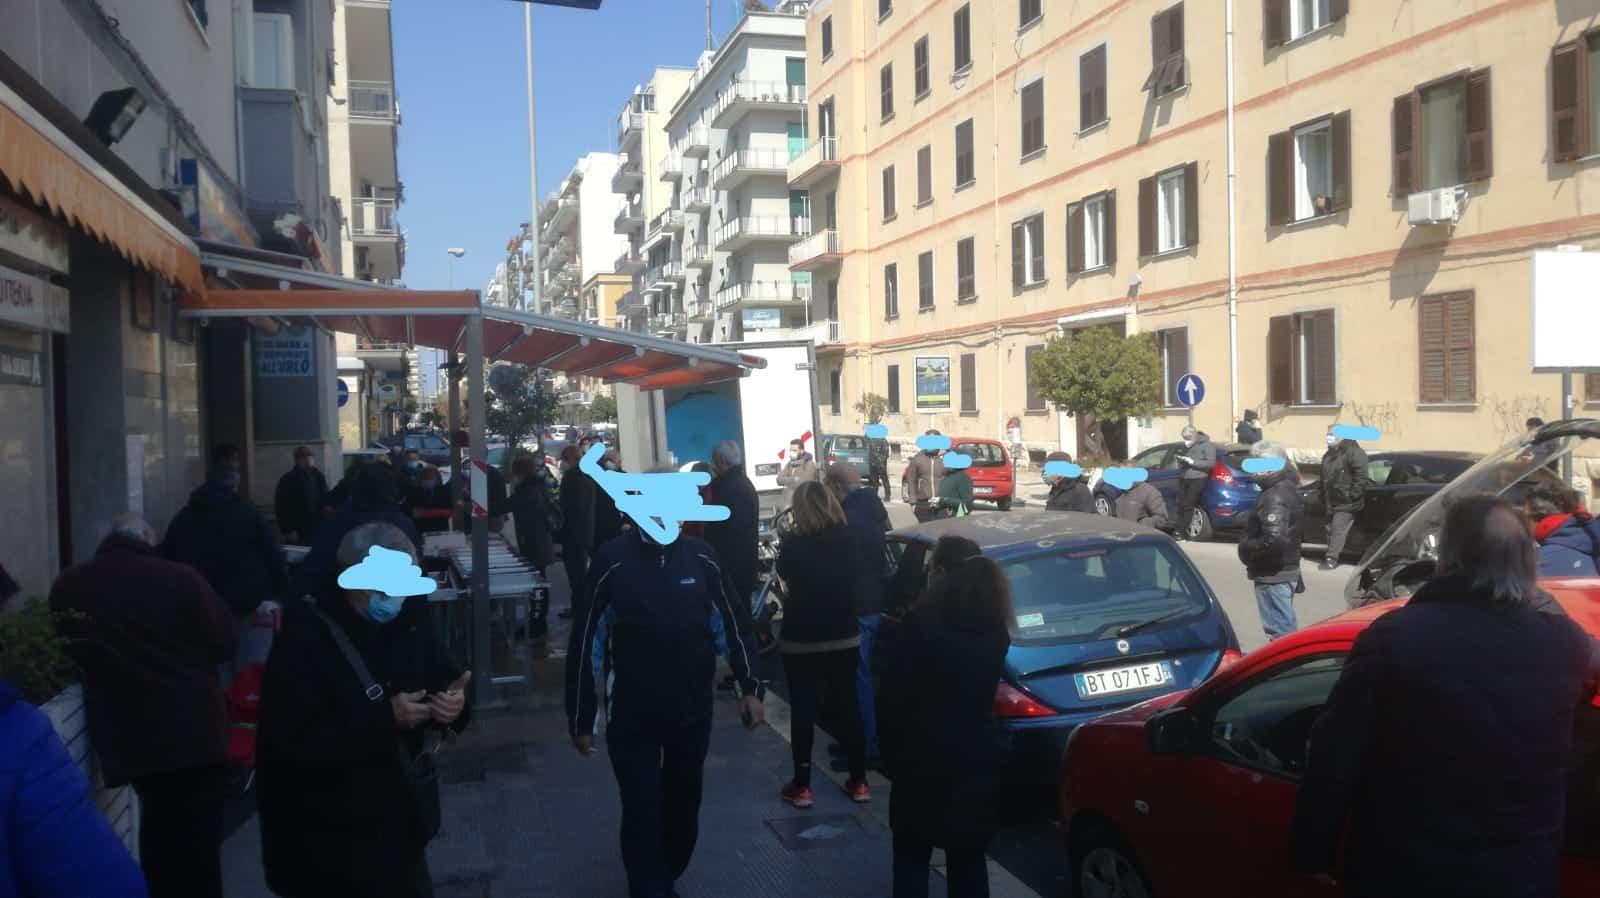 Bari, assembramenti in città ai tempi del Covid-19 i baresi non rinunciano alle tradizioni…